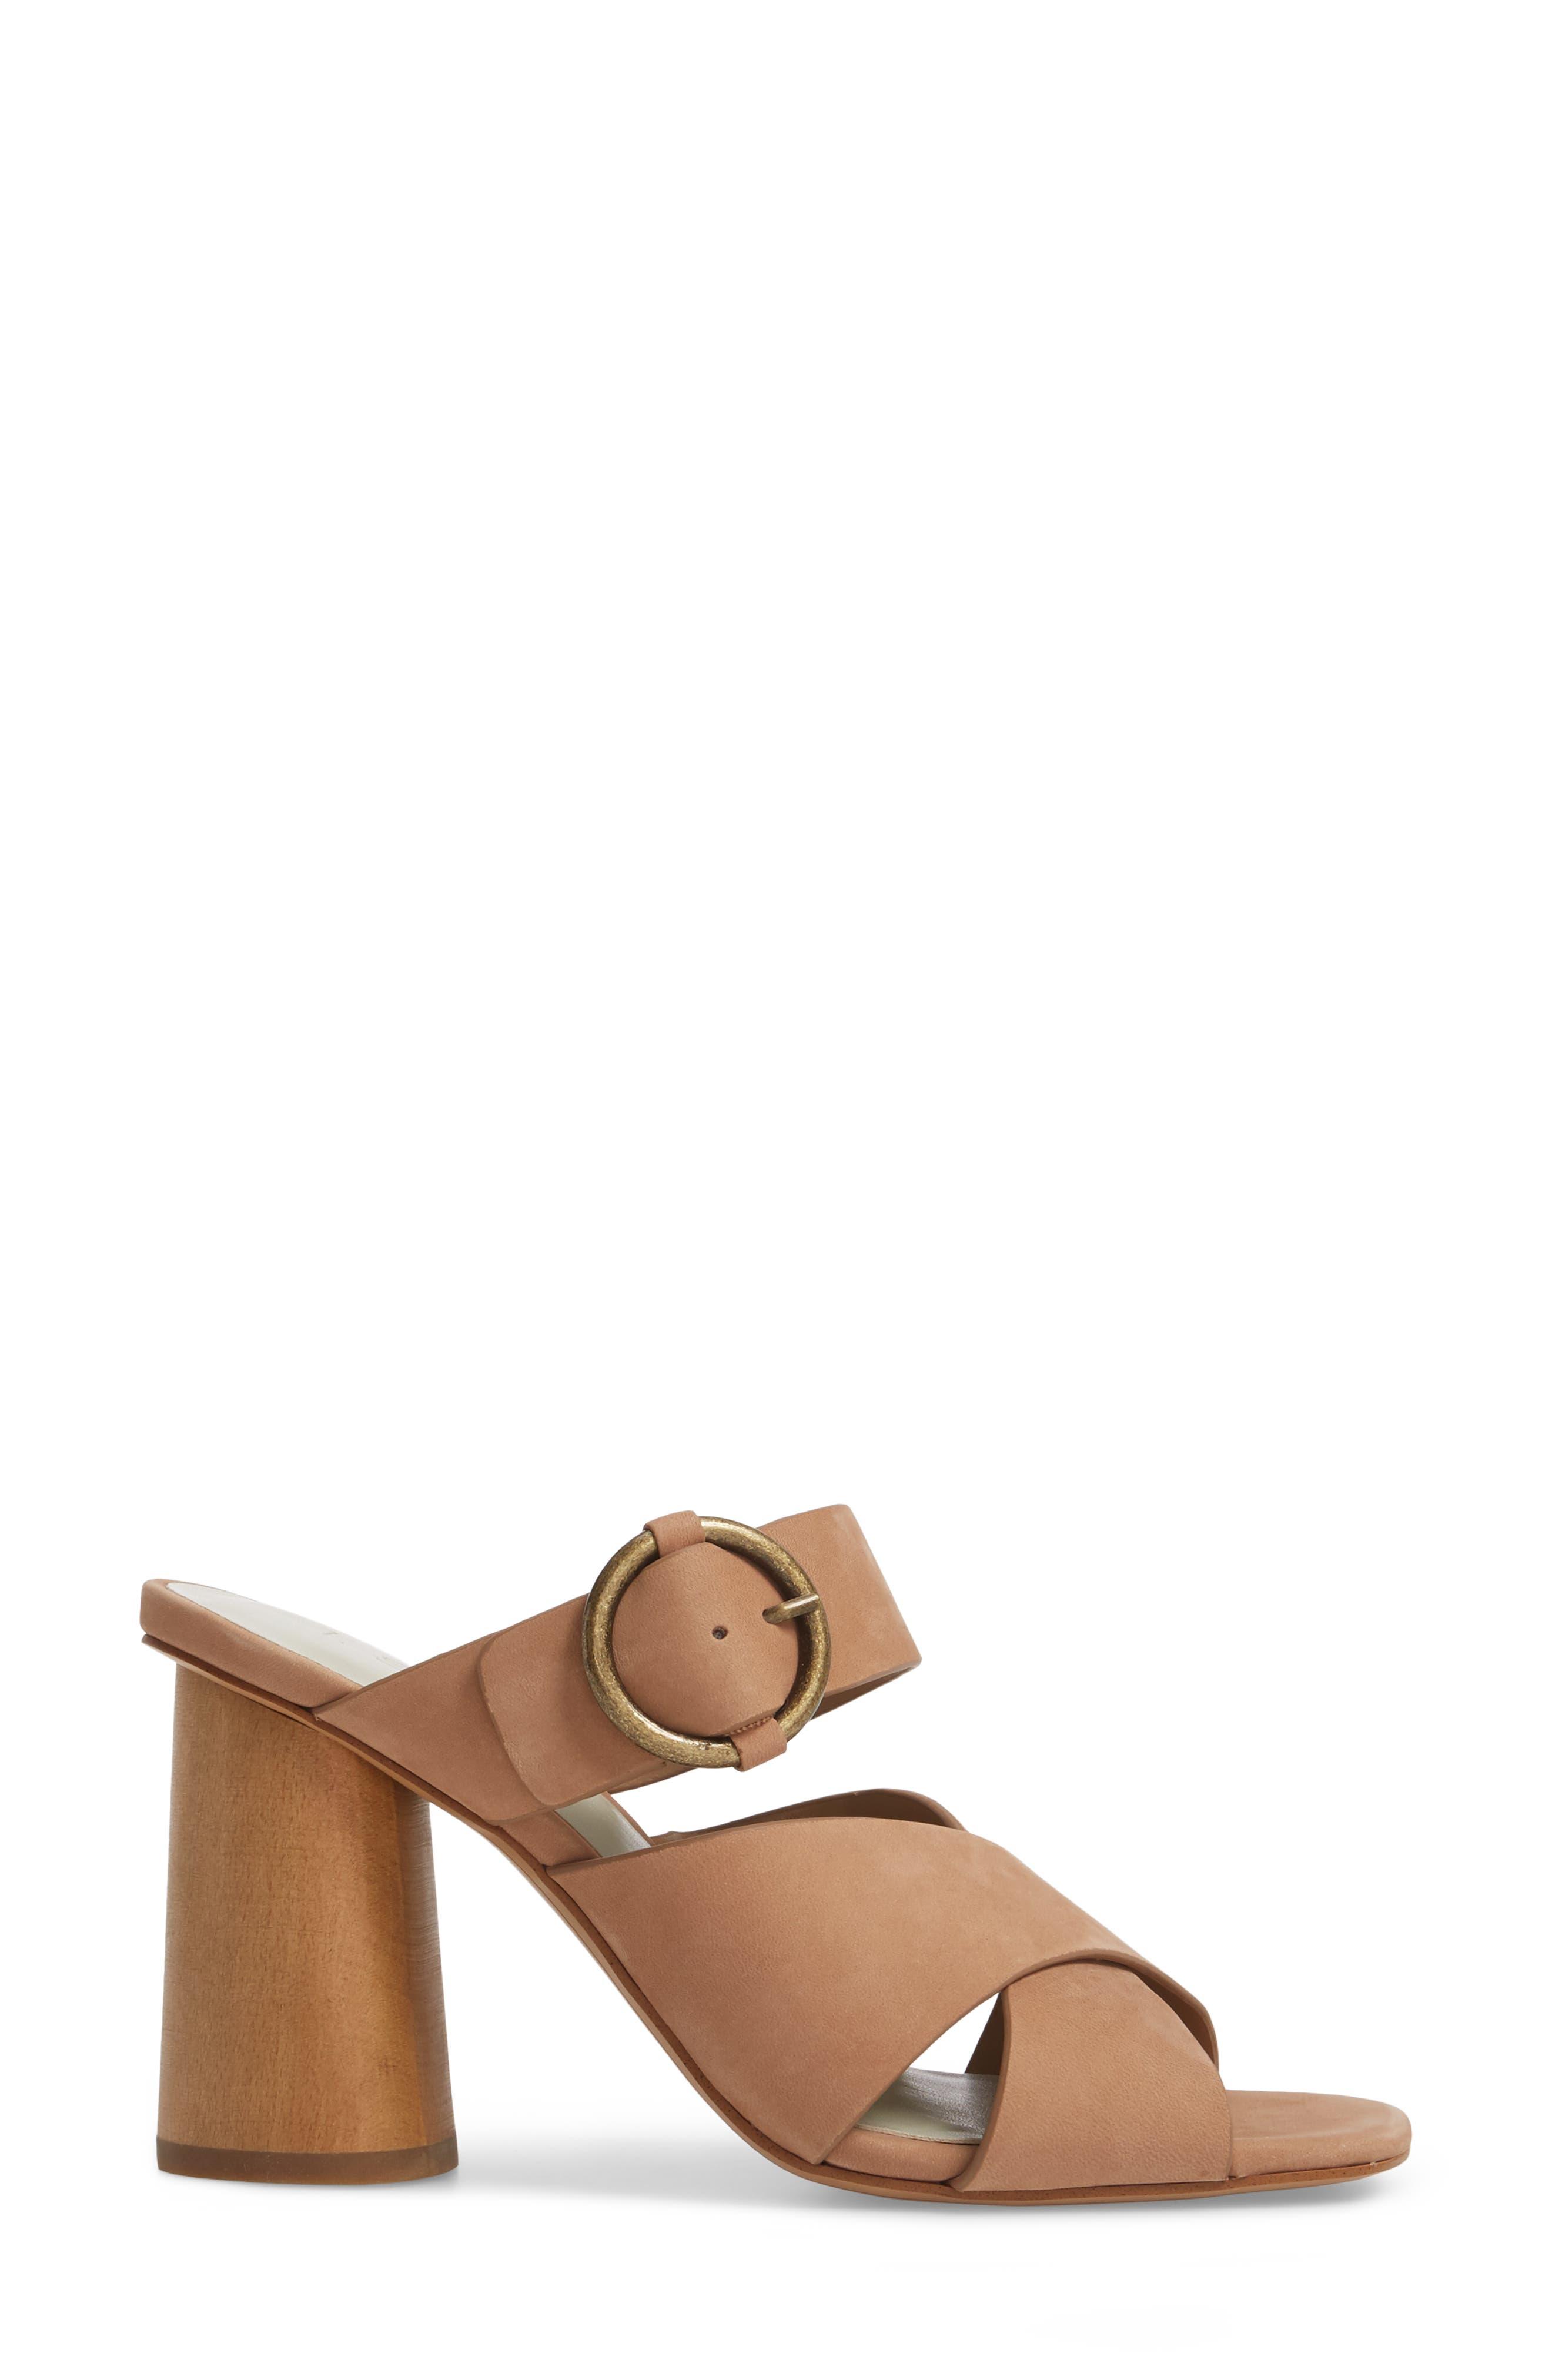 Icendra Flared Heel Mule Sandal,                             Alternate thumbnail 3, color,                             Teak Leather